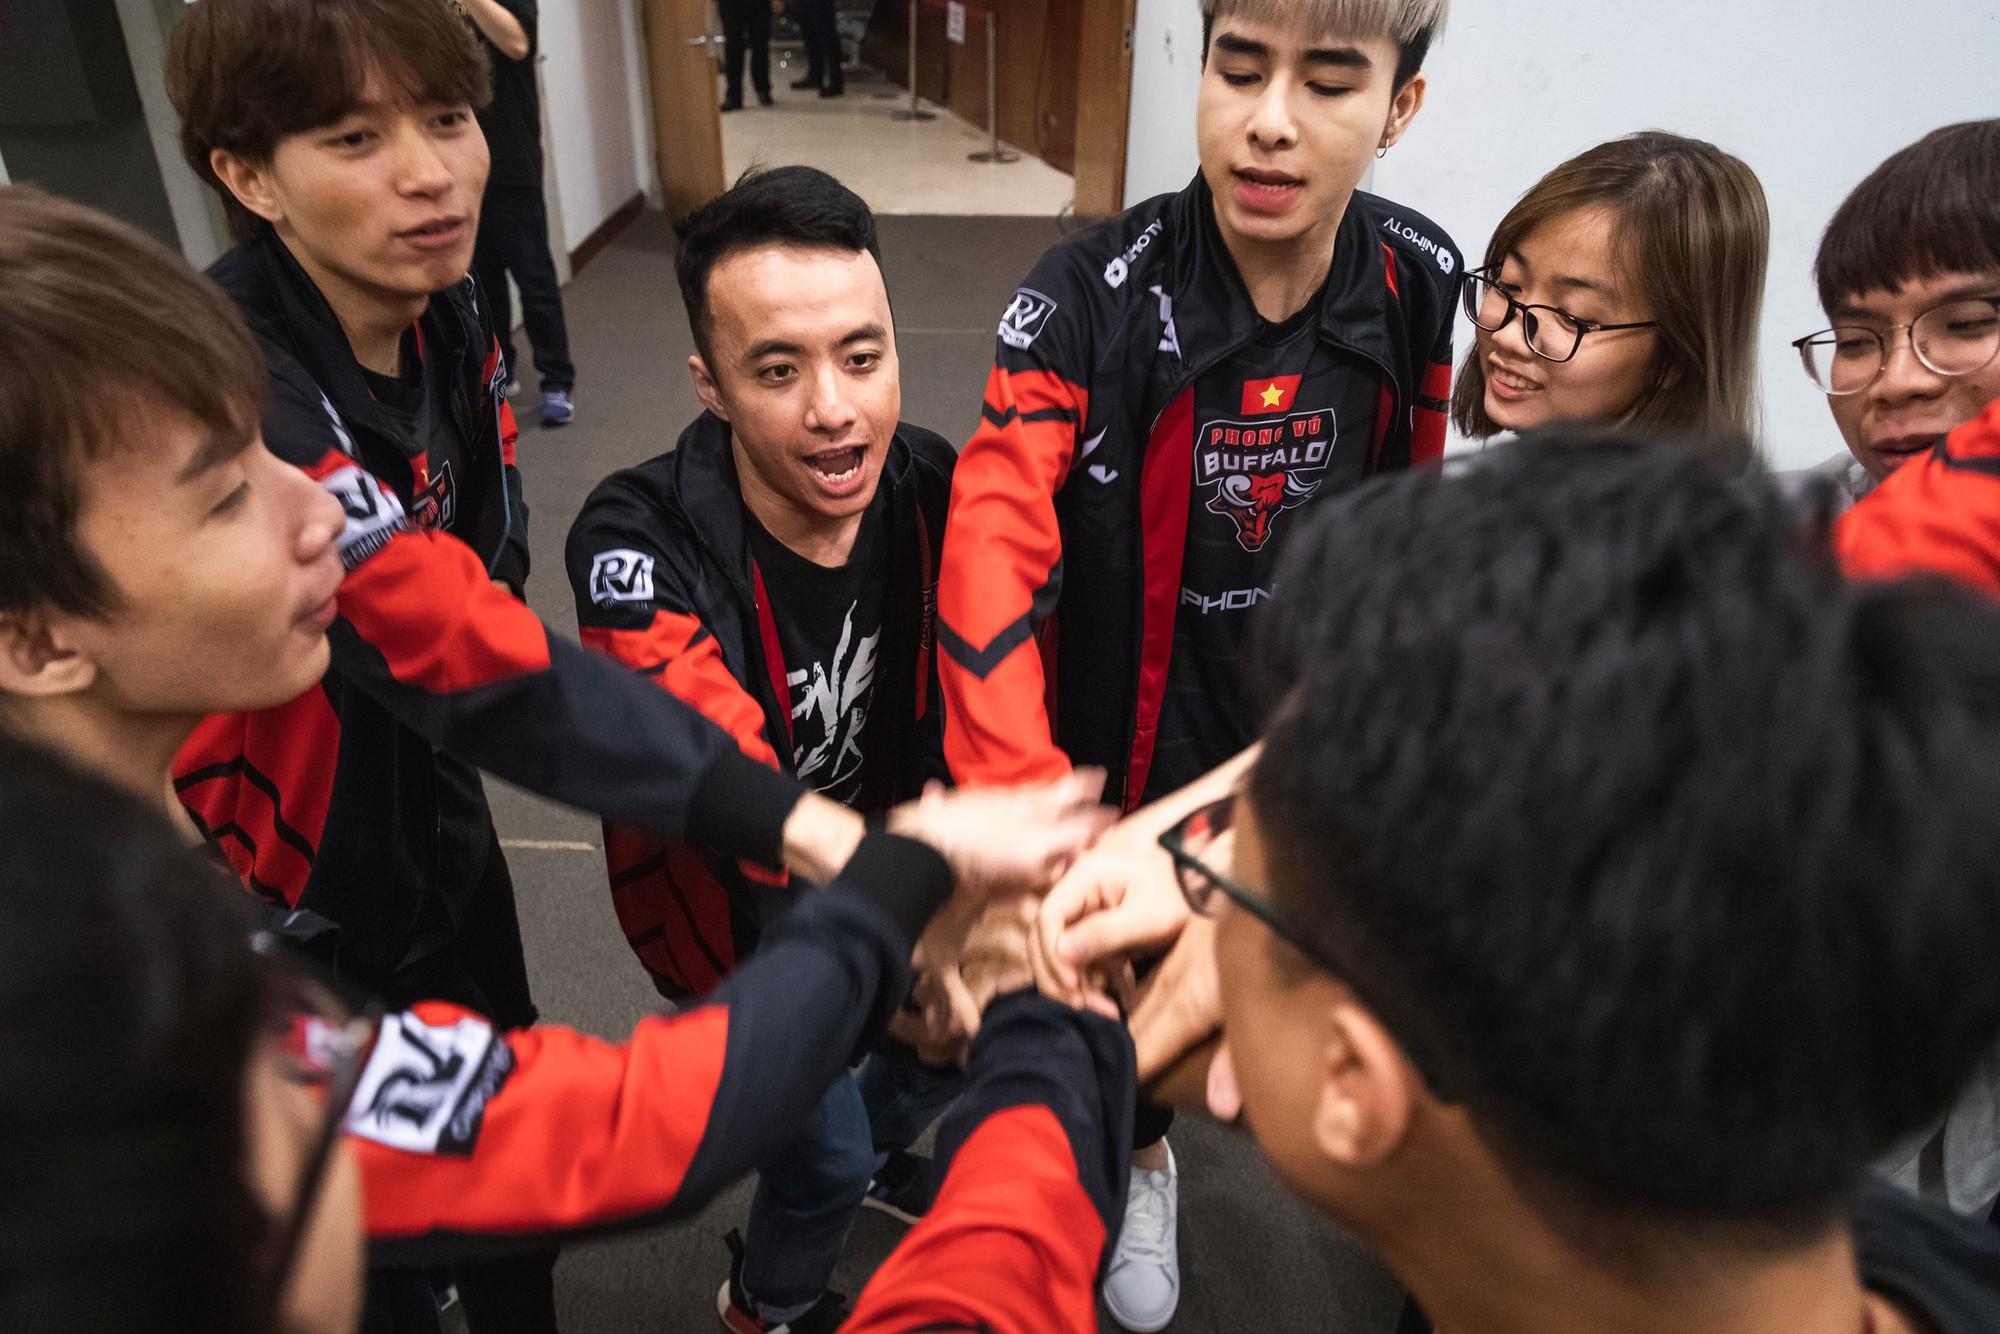 Những khoảnh khắc ấn tượng nhất MSI 2019 trong lần đầu diễn ra tại Việt Nam - Ảnh 16.